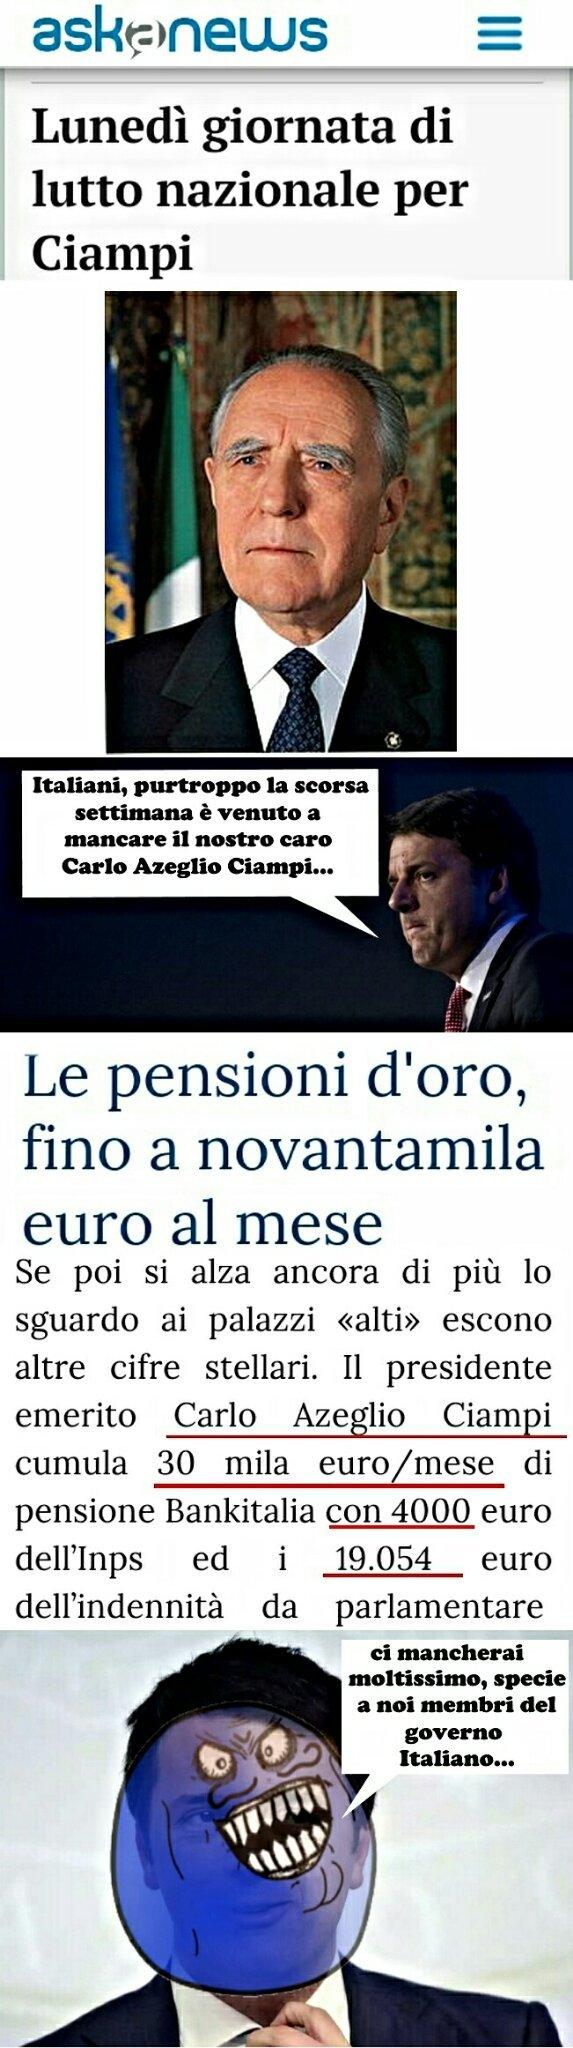 La triste verità di Renzi... - meme